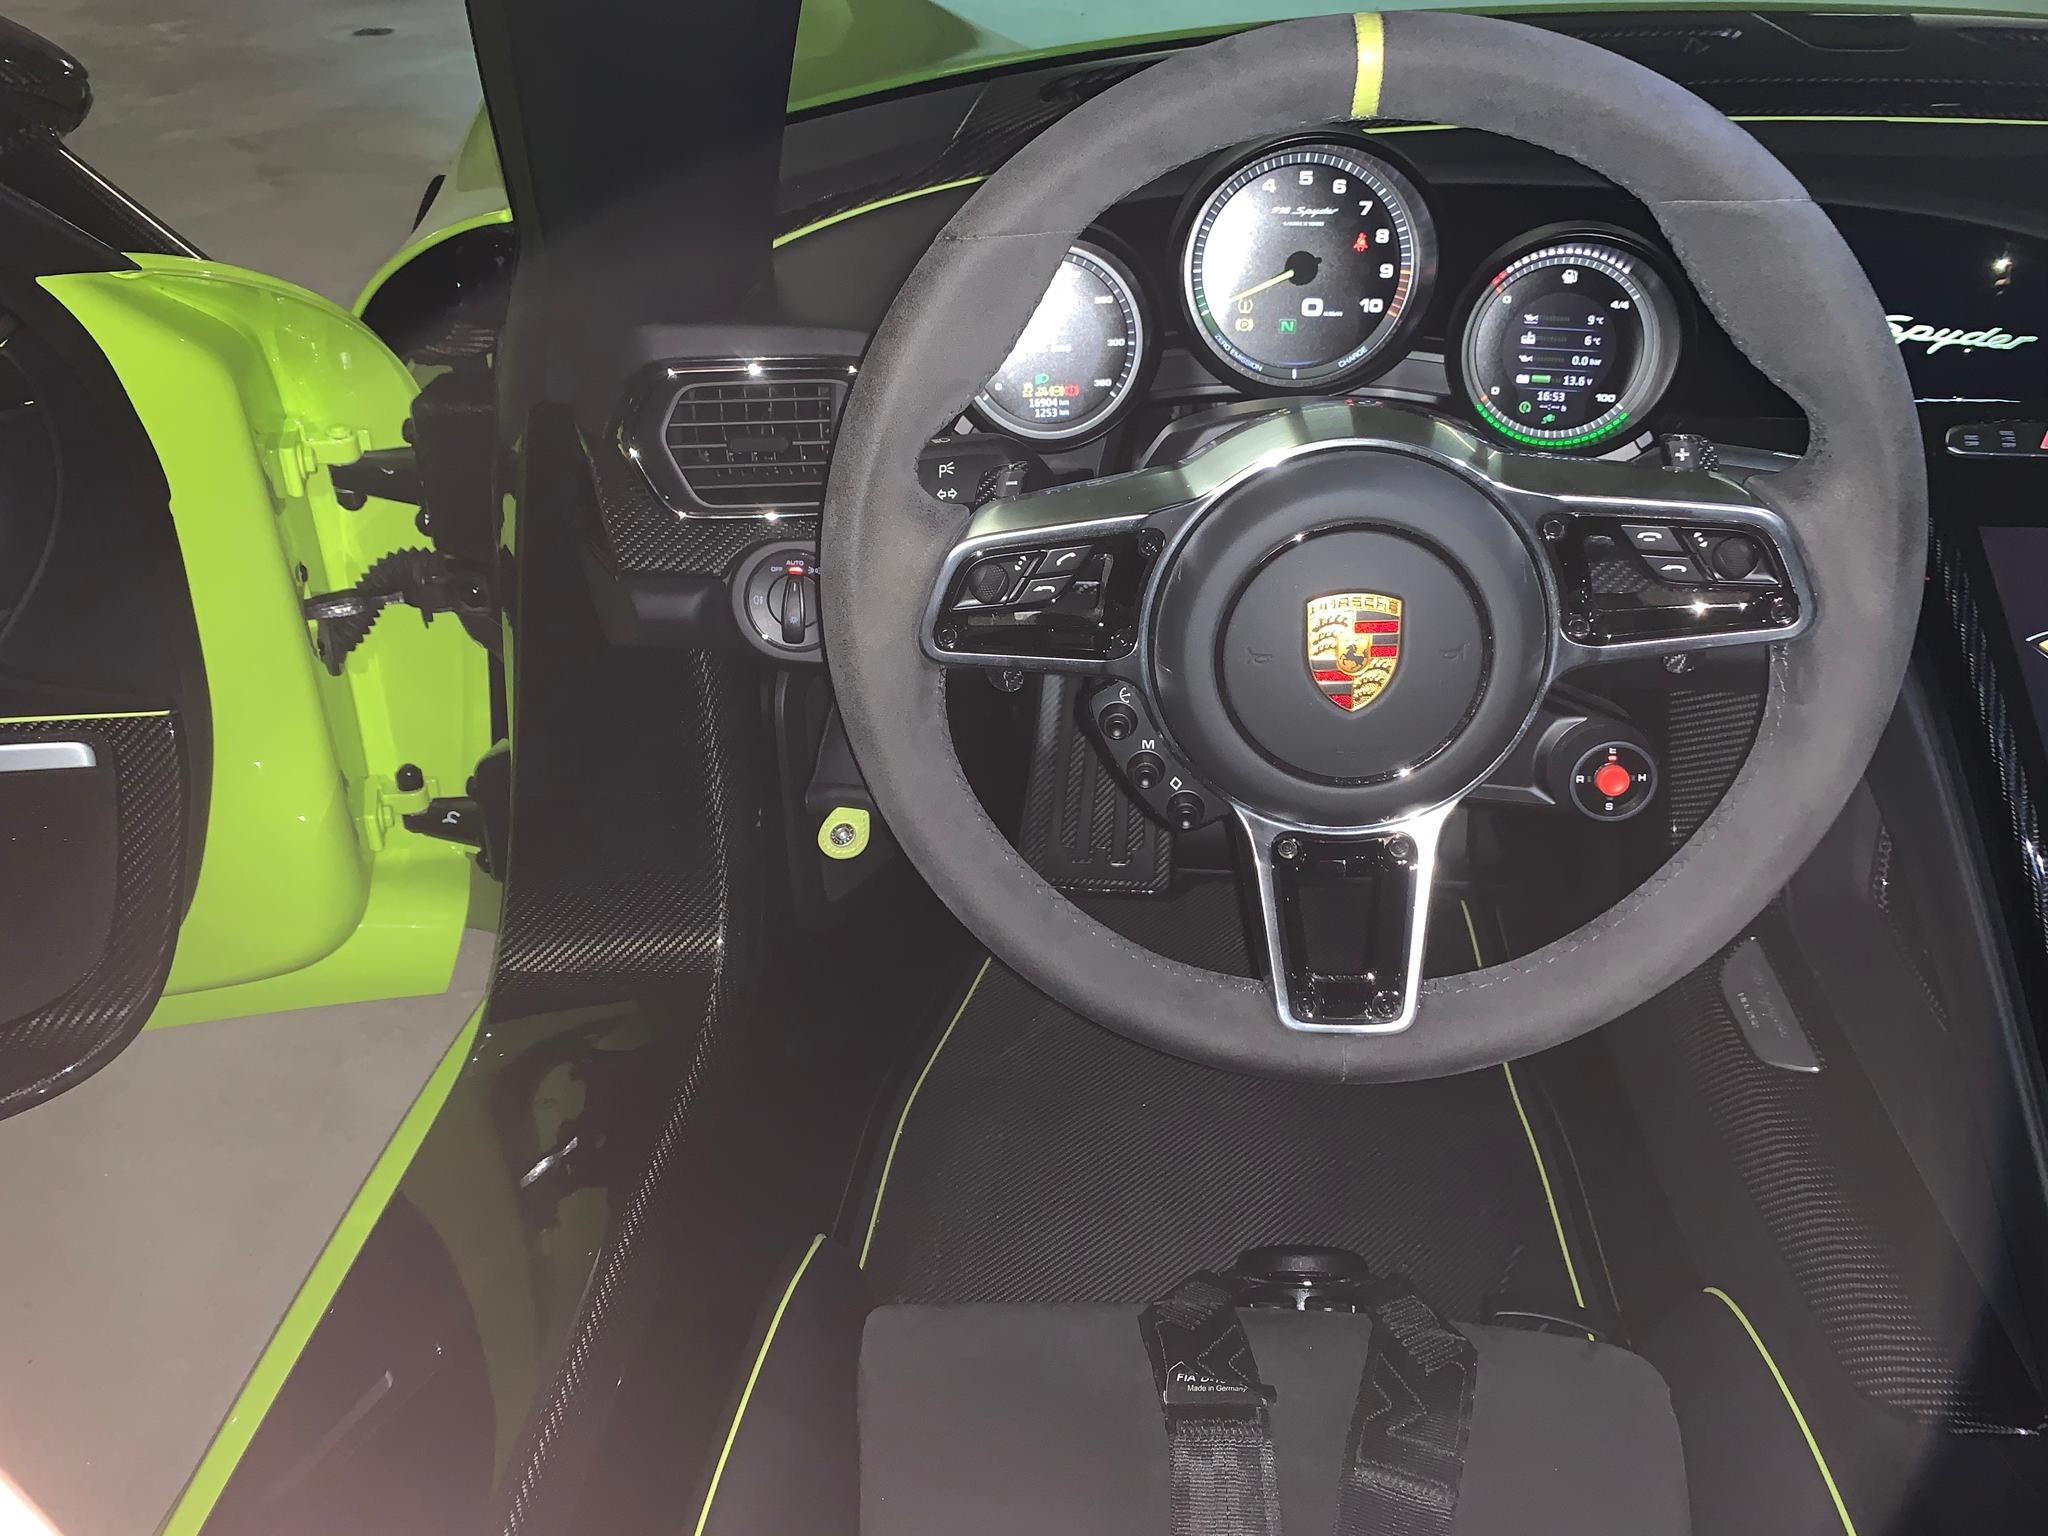 Porsche 918 Spyder steering wheel